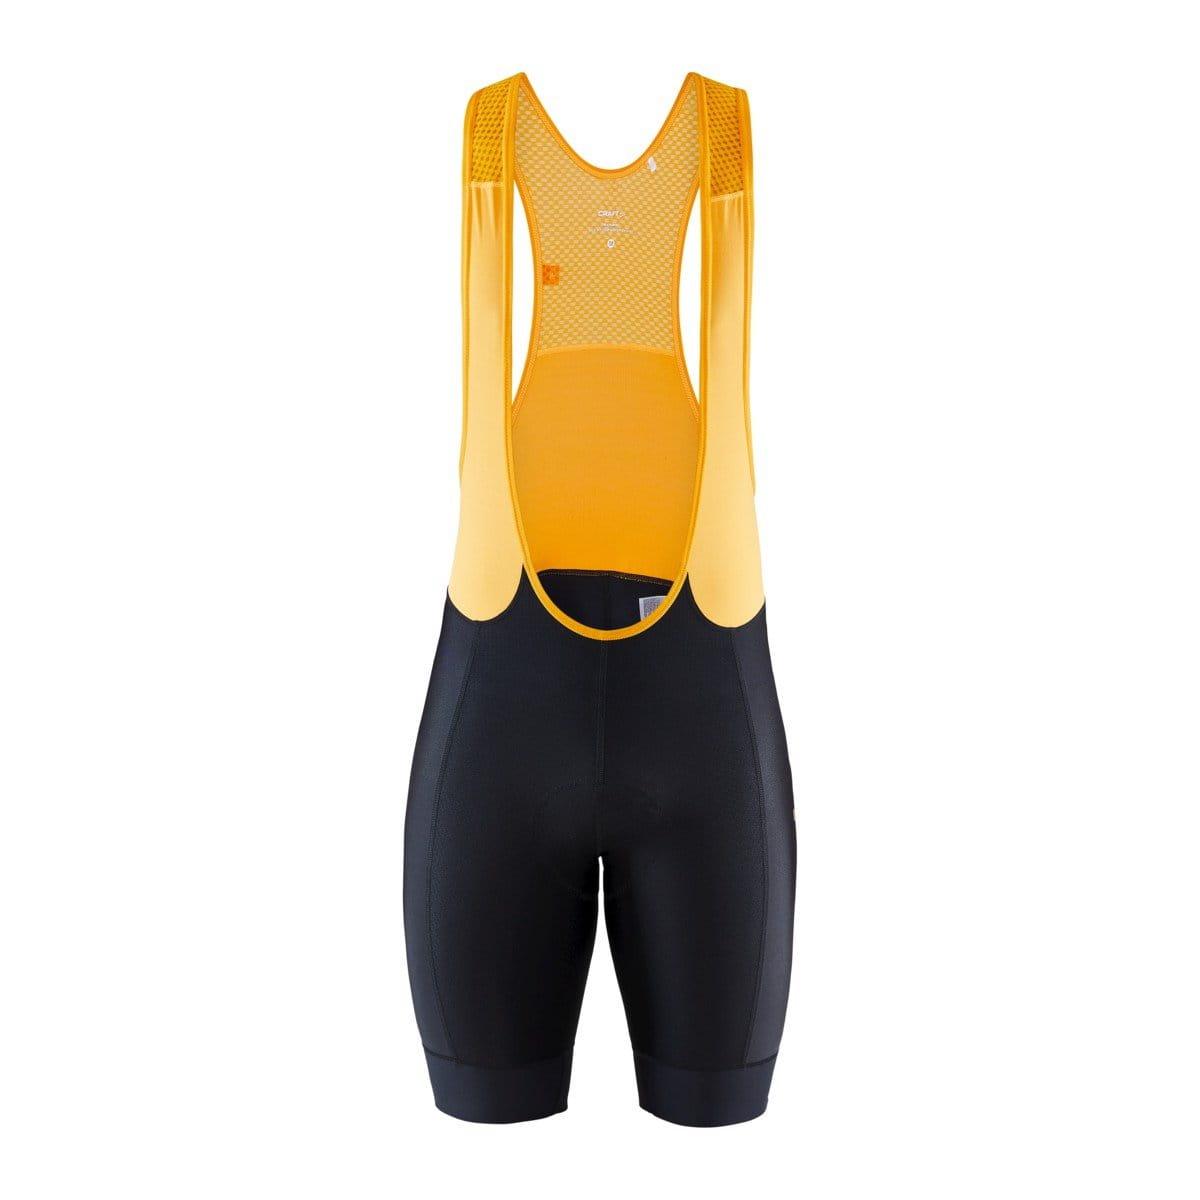 Pánské krátké cyklistické kalhoty Craft Cyklokalhoty Train Pack Bib černá s oranžovou